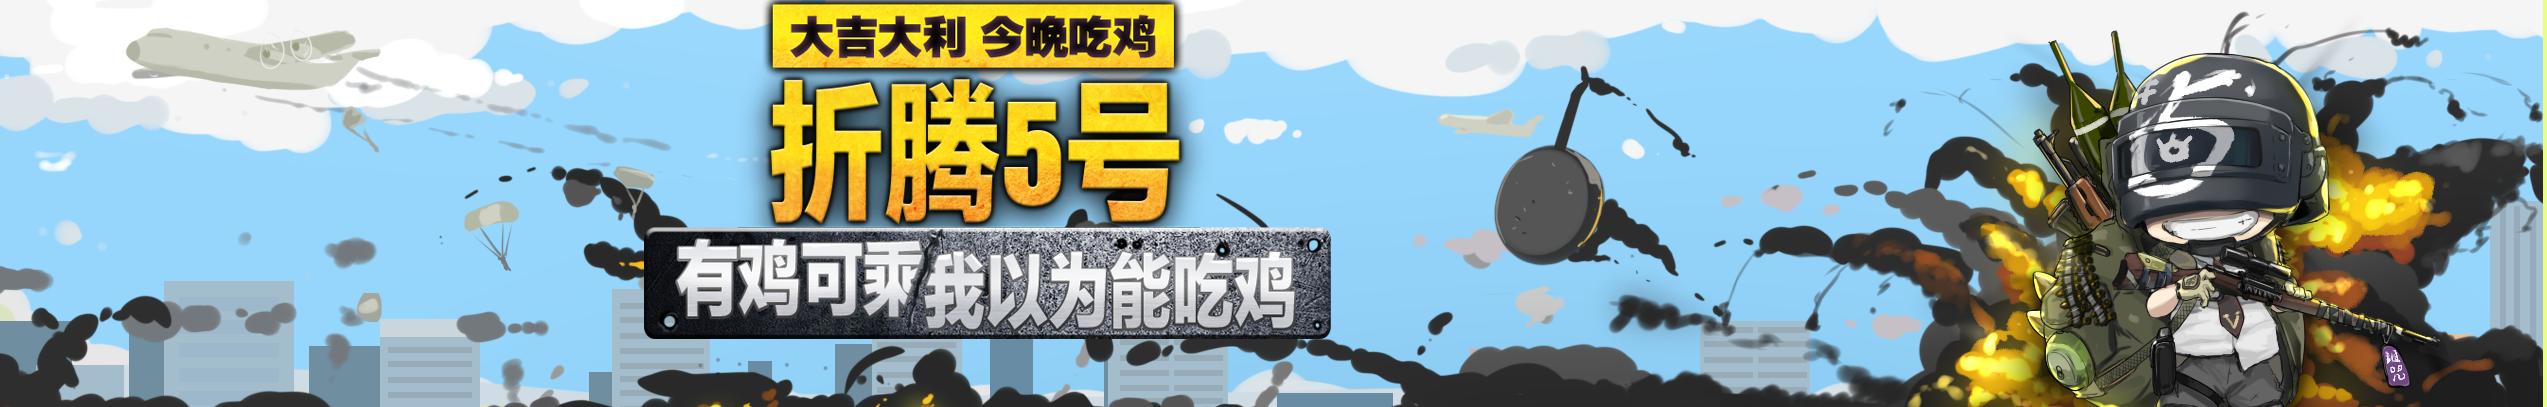 折腾5号 banner